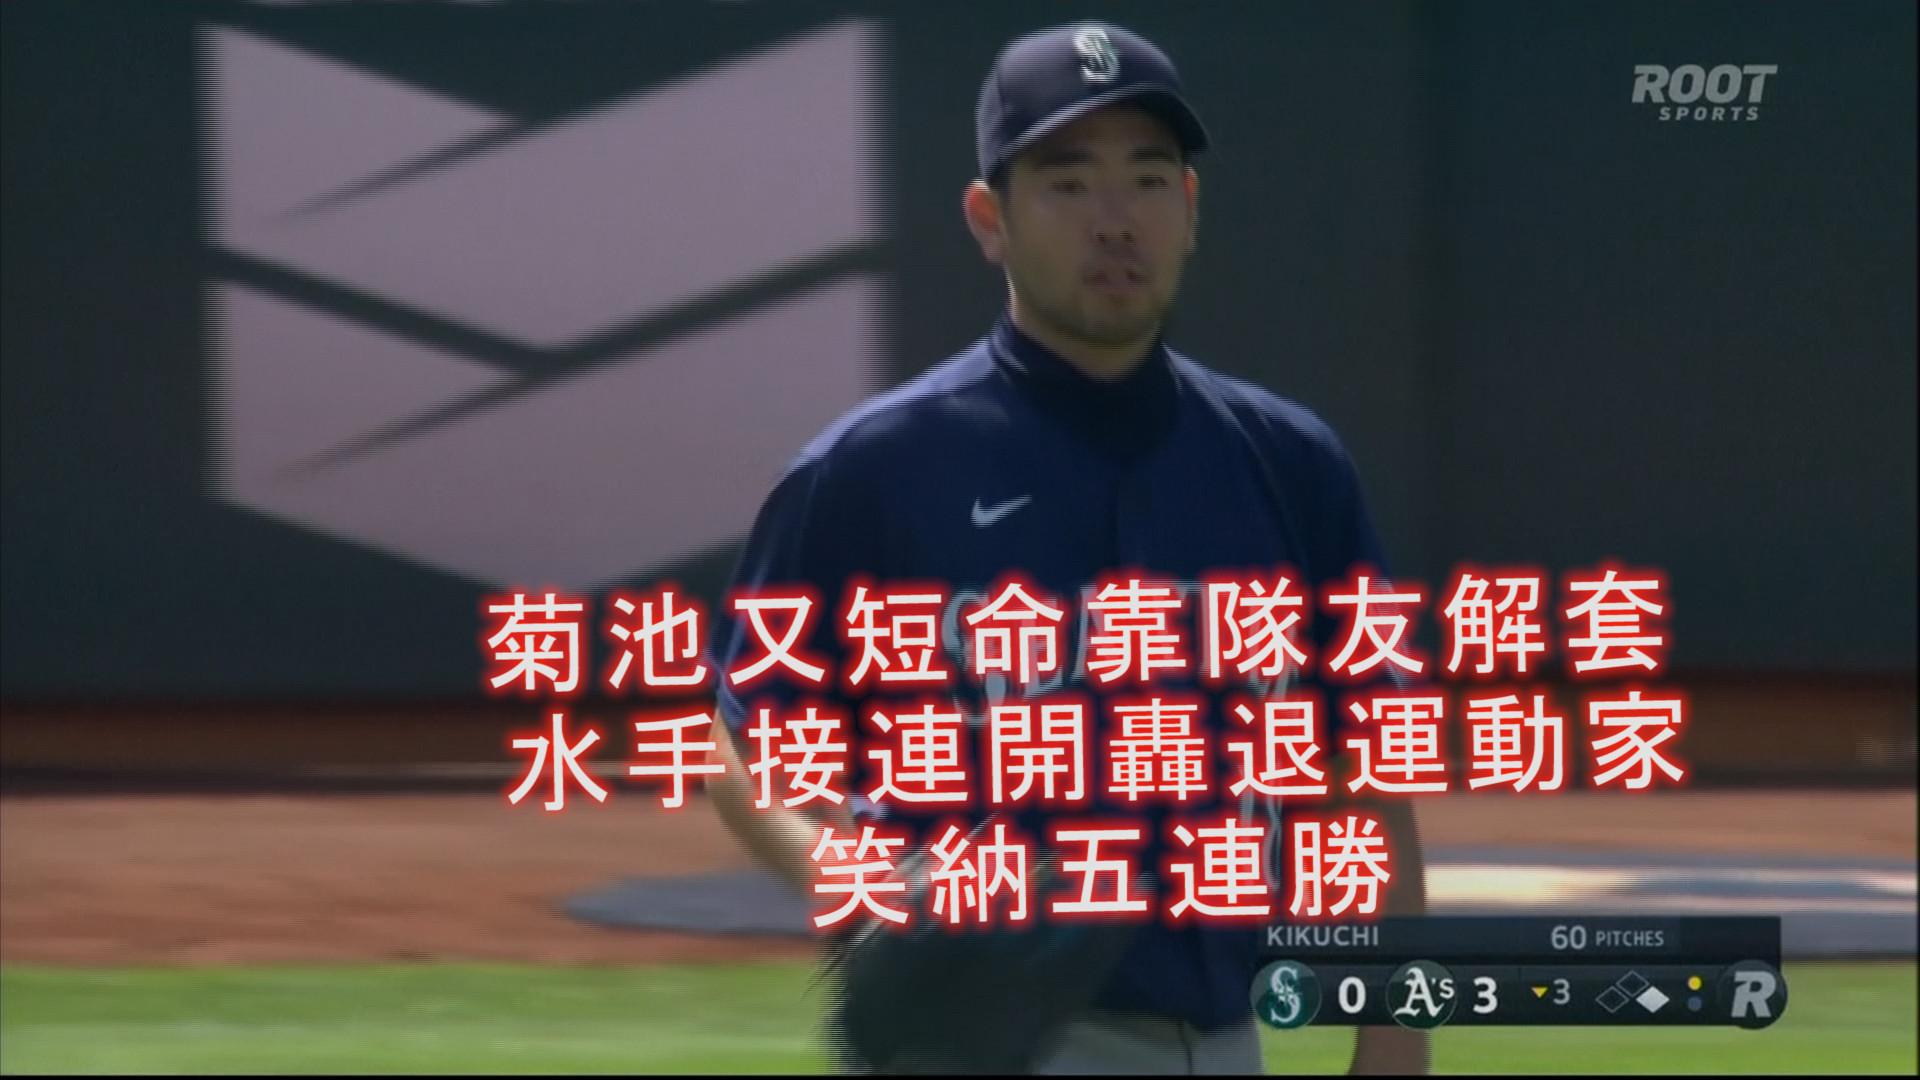 【MLB看愛爾達】菊池短命隊友解套 水手笑納五連勝 9/24